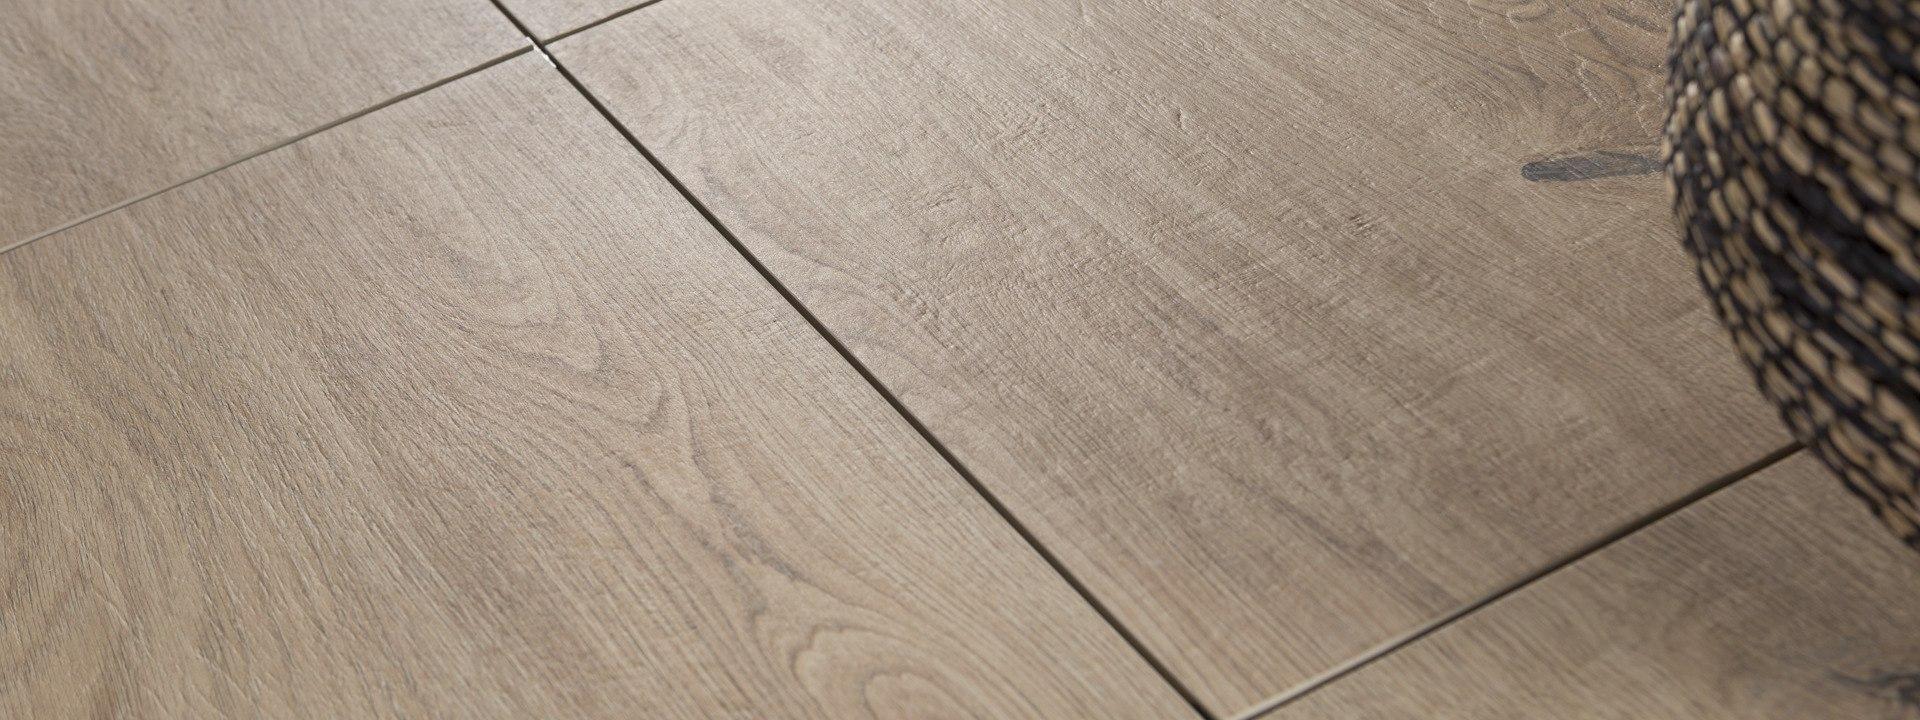 Terrrasssenplatte von GODELMANN - Gepflasterter Steinboden aus großformatigen Feinsteinzeugplatten Carmino Holzoptik mit Eiche Natur und Bastkorb